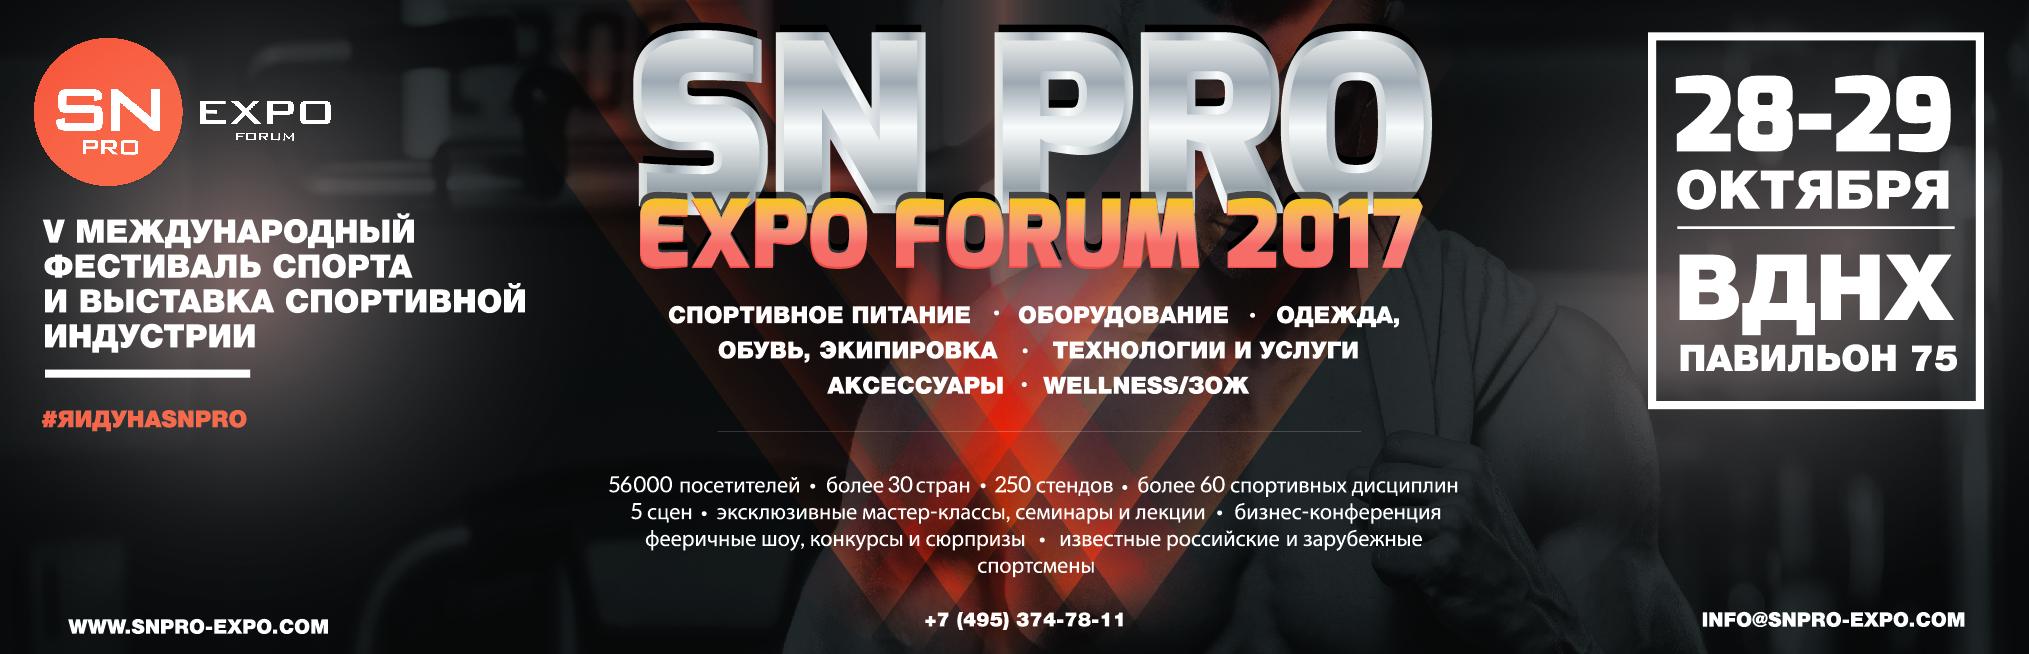 5-й Международный фестиваль спорта и выставки спортивной индустрии SN PRO EXPO FORUM